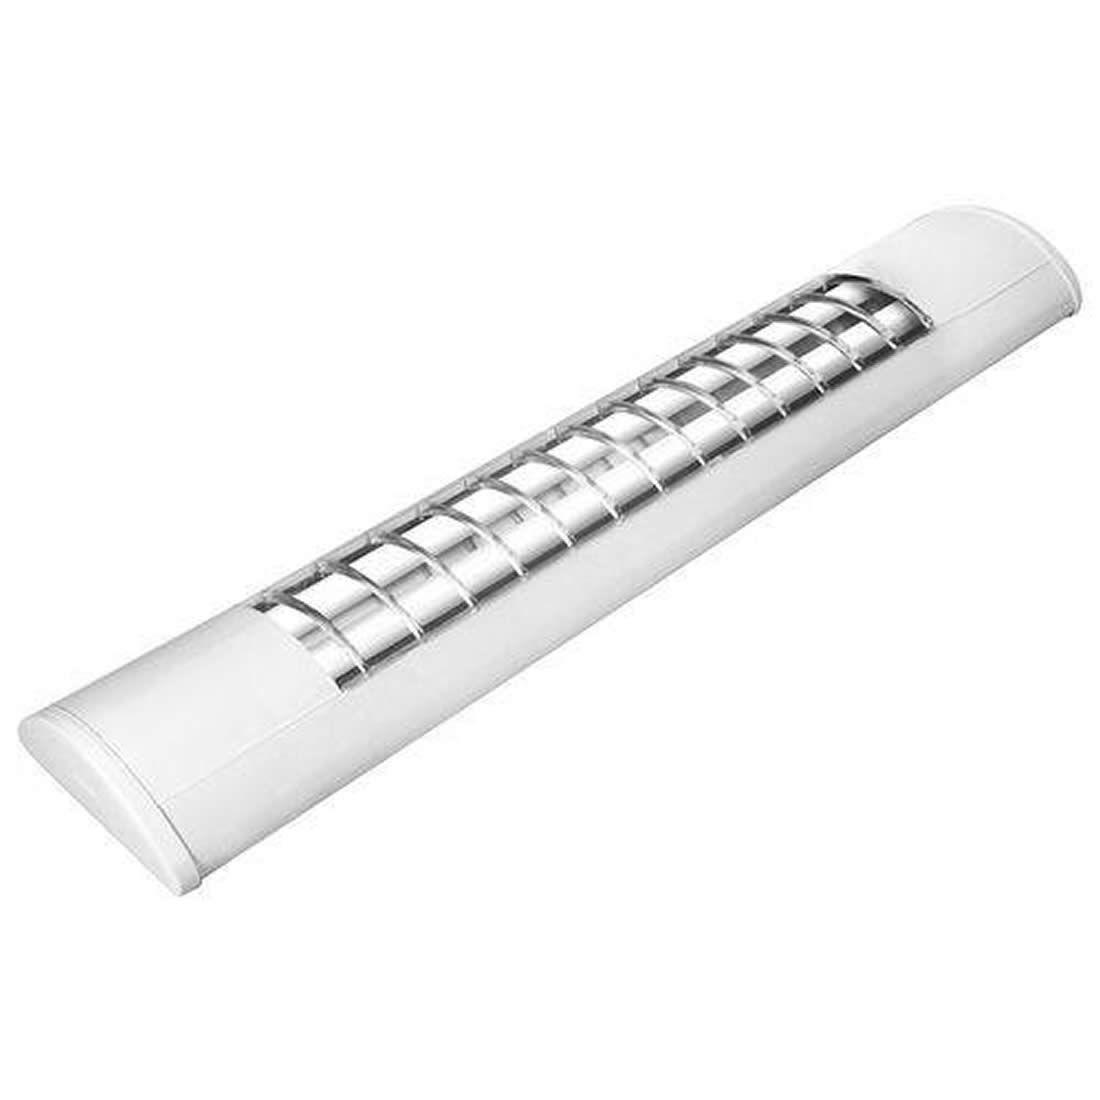 Luminária de Led Taschibra Brilhare 40/2 Bivolt 6500K